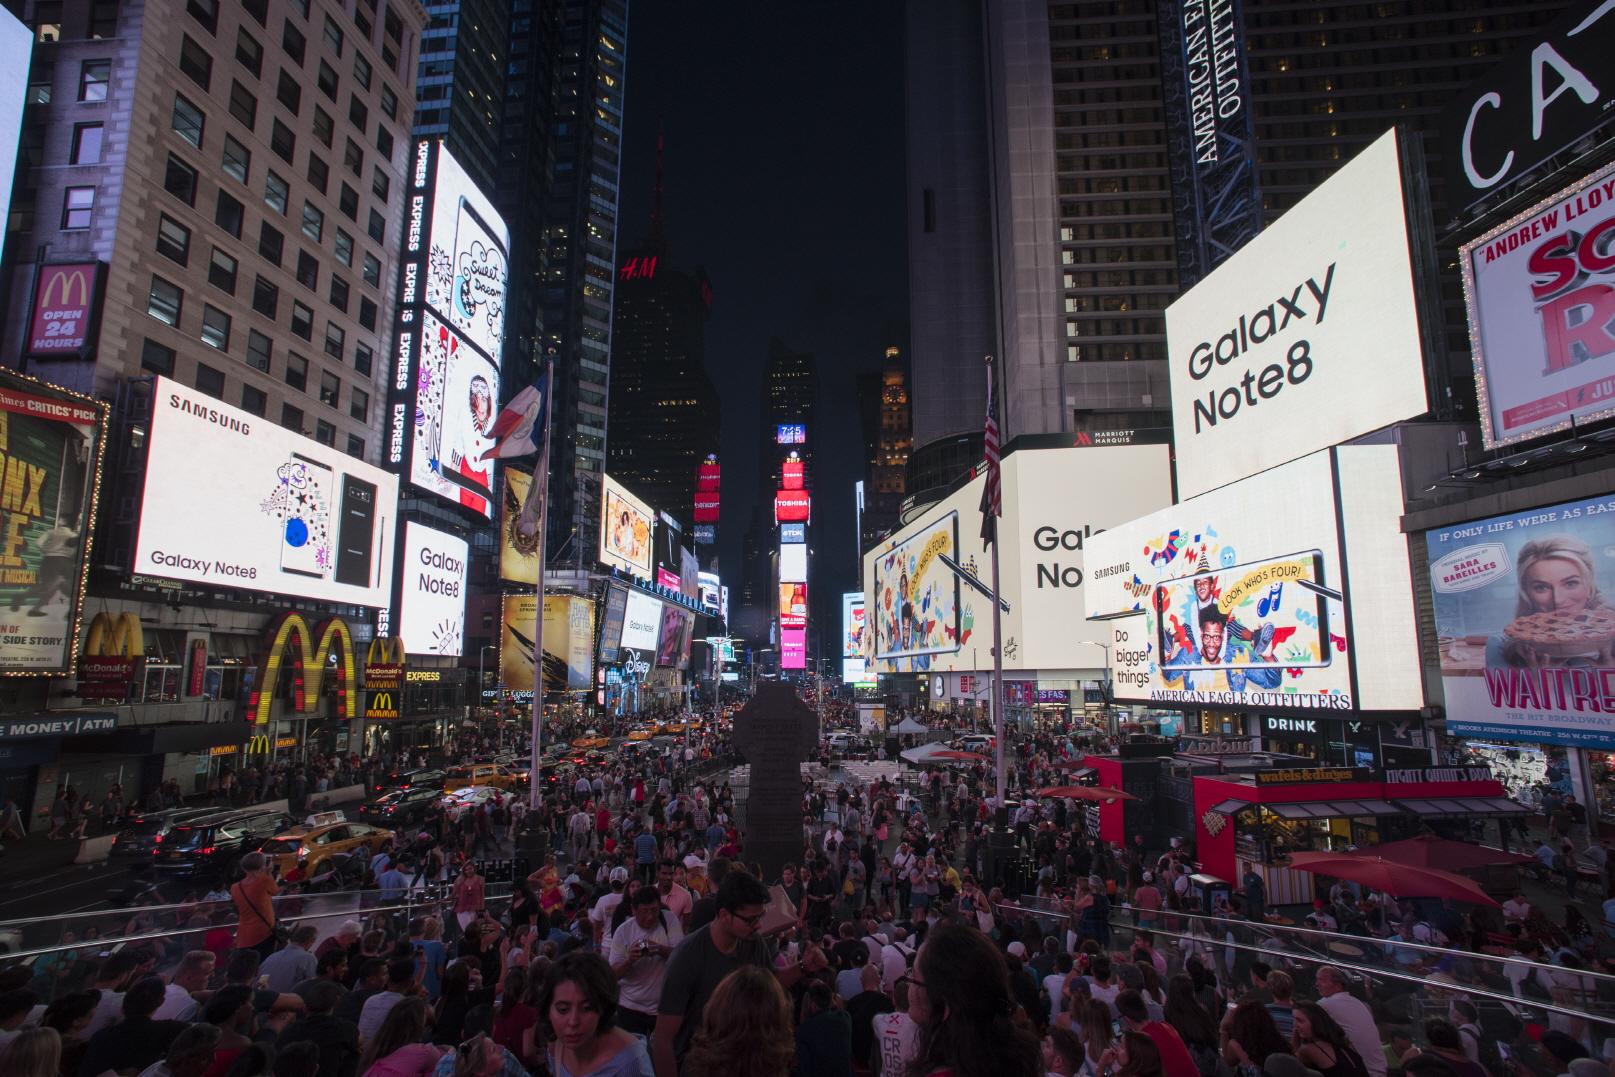 미국 뉴욕 타임스퀘어. 지난 9월 15일 '갤럭시 노트8' 미국 출시 당일,        타임스퀘어 42개 옥외광고판이 일제히 '갤럭시 노트8' 광고로 채워졌다.